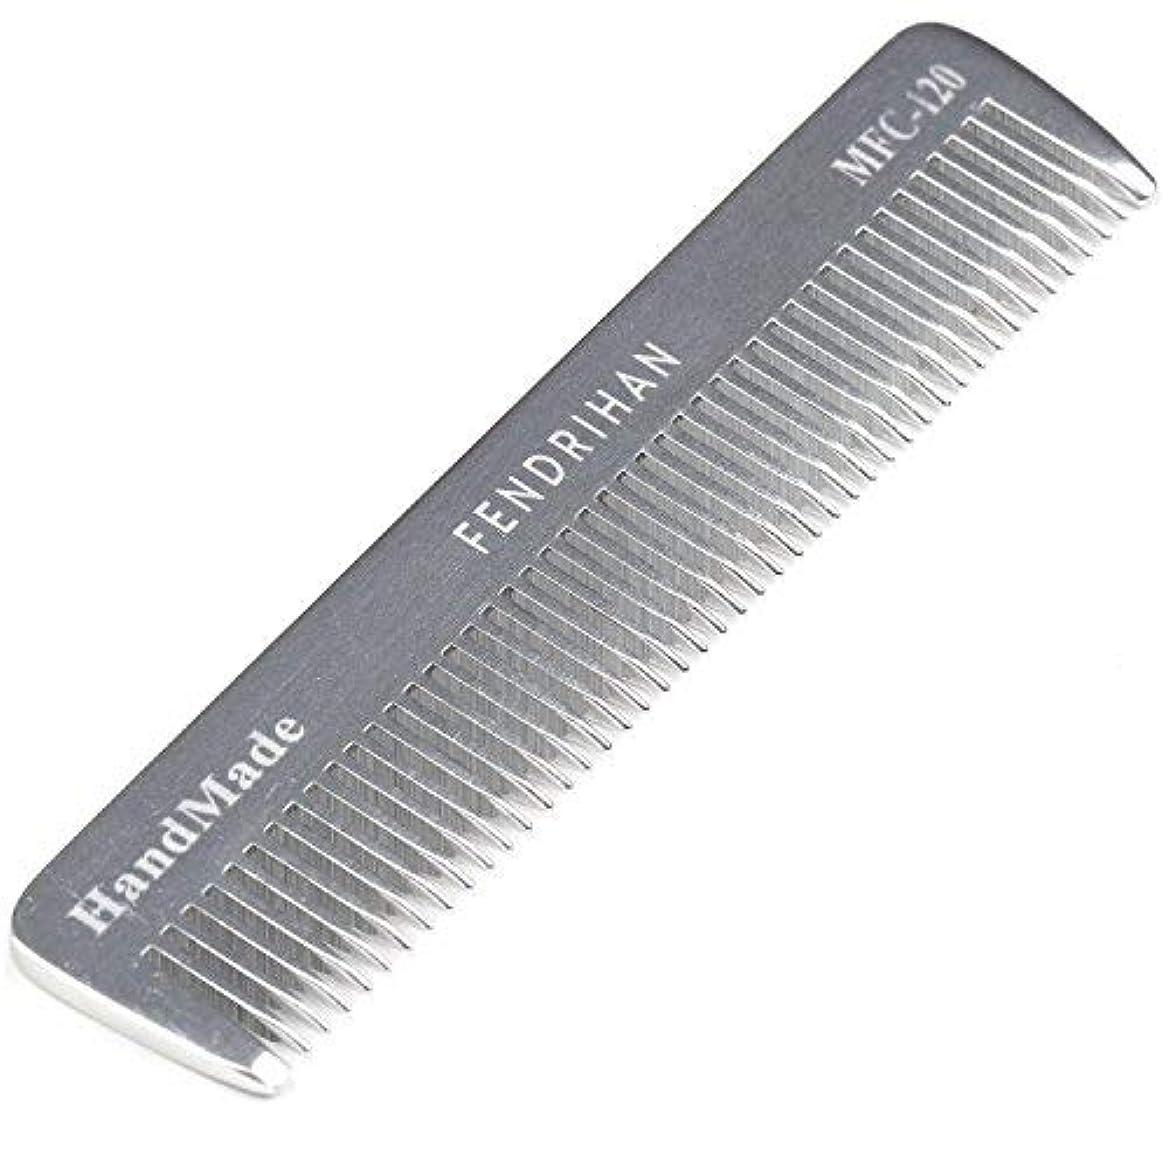 気になる合図リードFendrihan Sturdy Metal Fine Tooth Barber Pocket Grooming Comb (4.6 Inches) [並行輸入品]